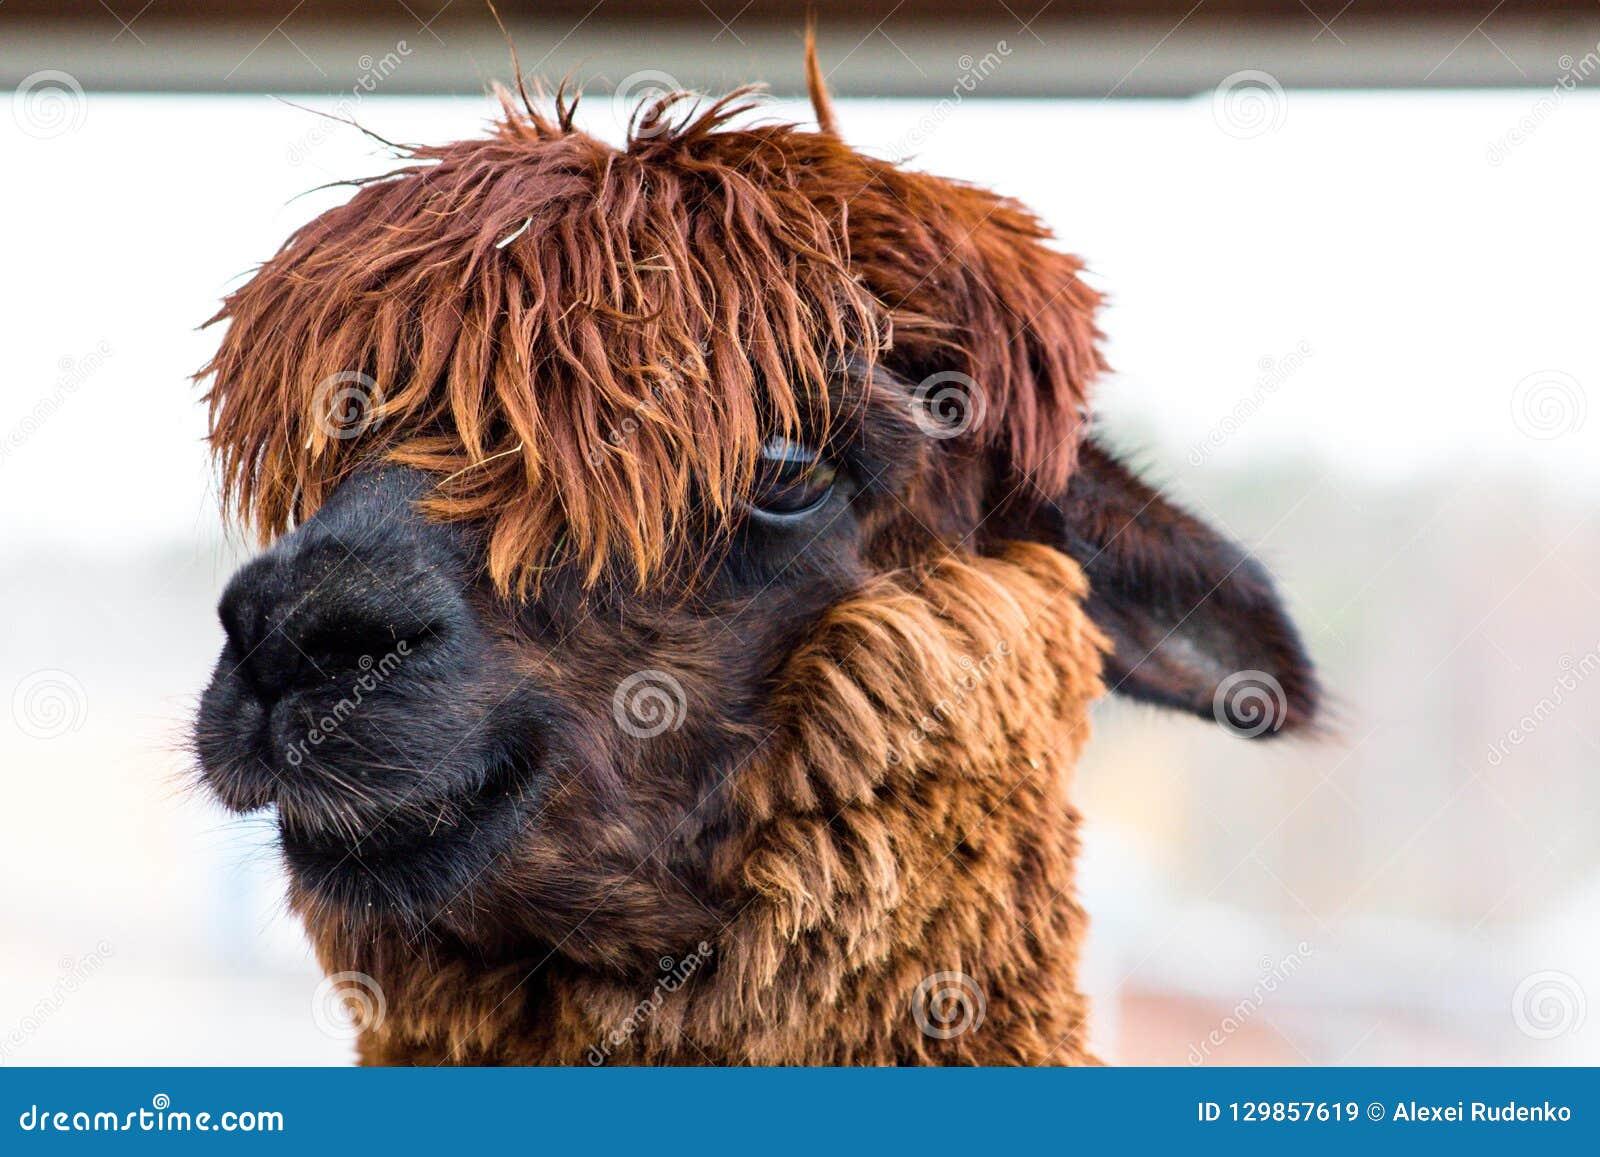 O animal notável e bonito com cabelo grosso chamou Alpaca Seu cabelo em sua cabeça fecha completamente seus olhos